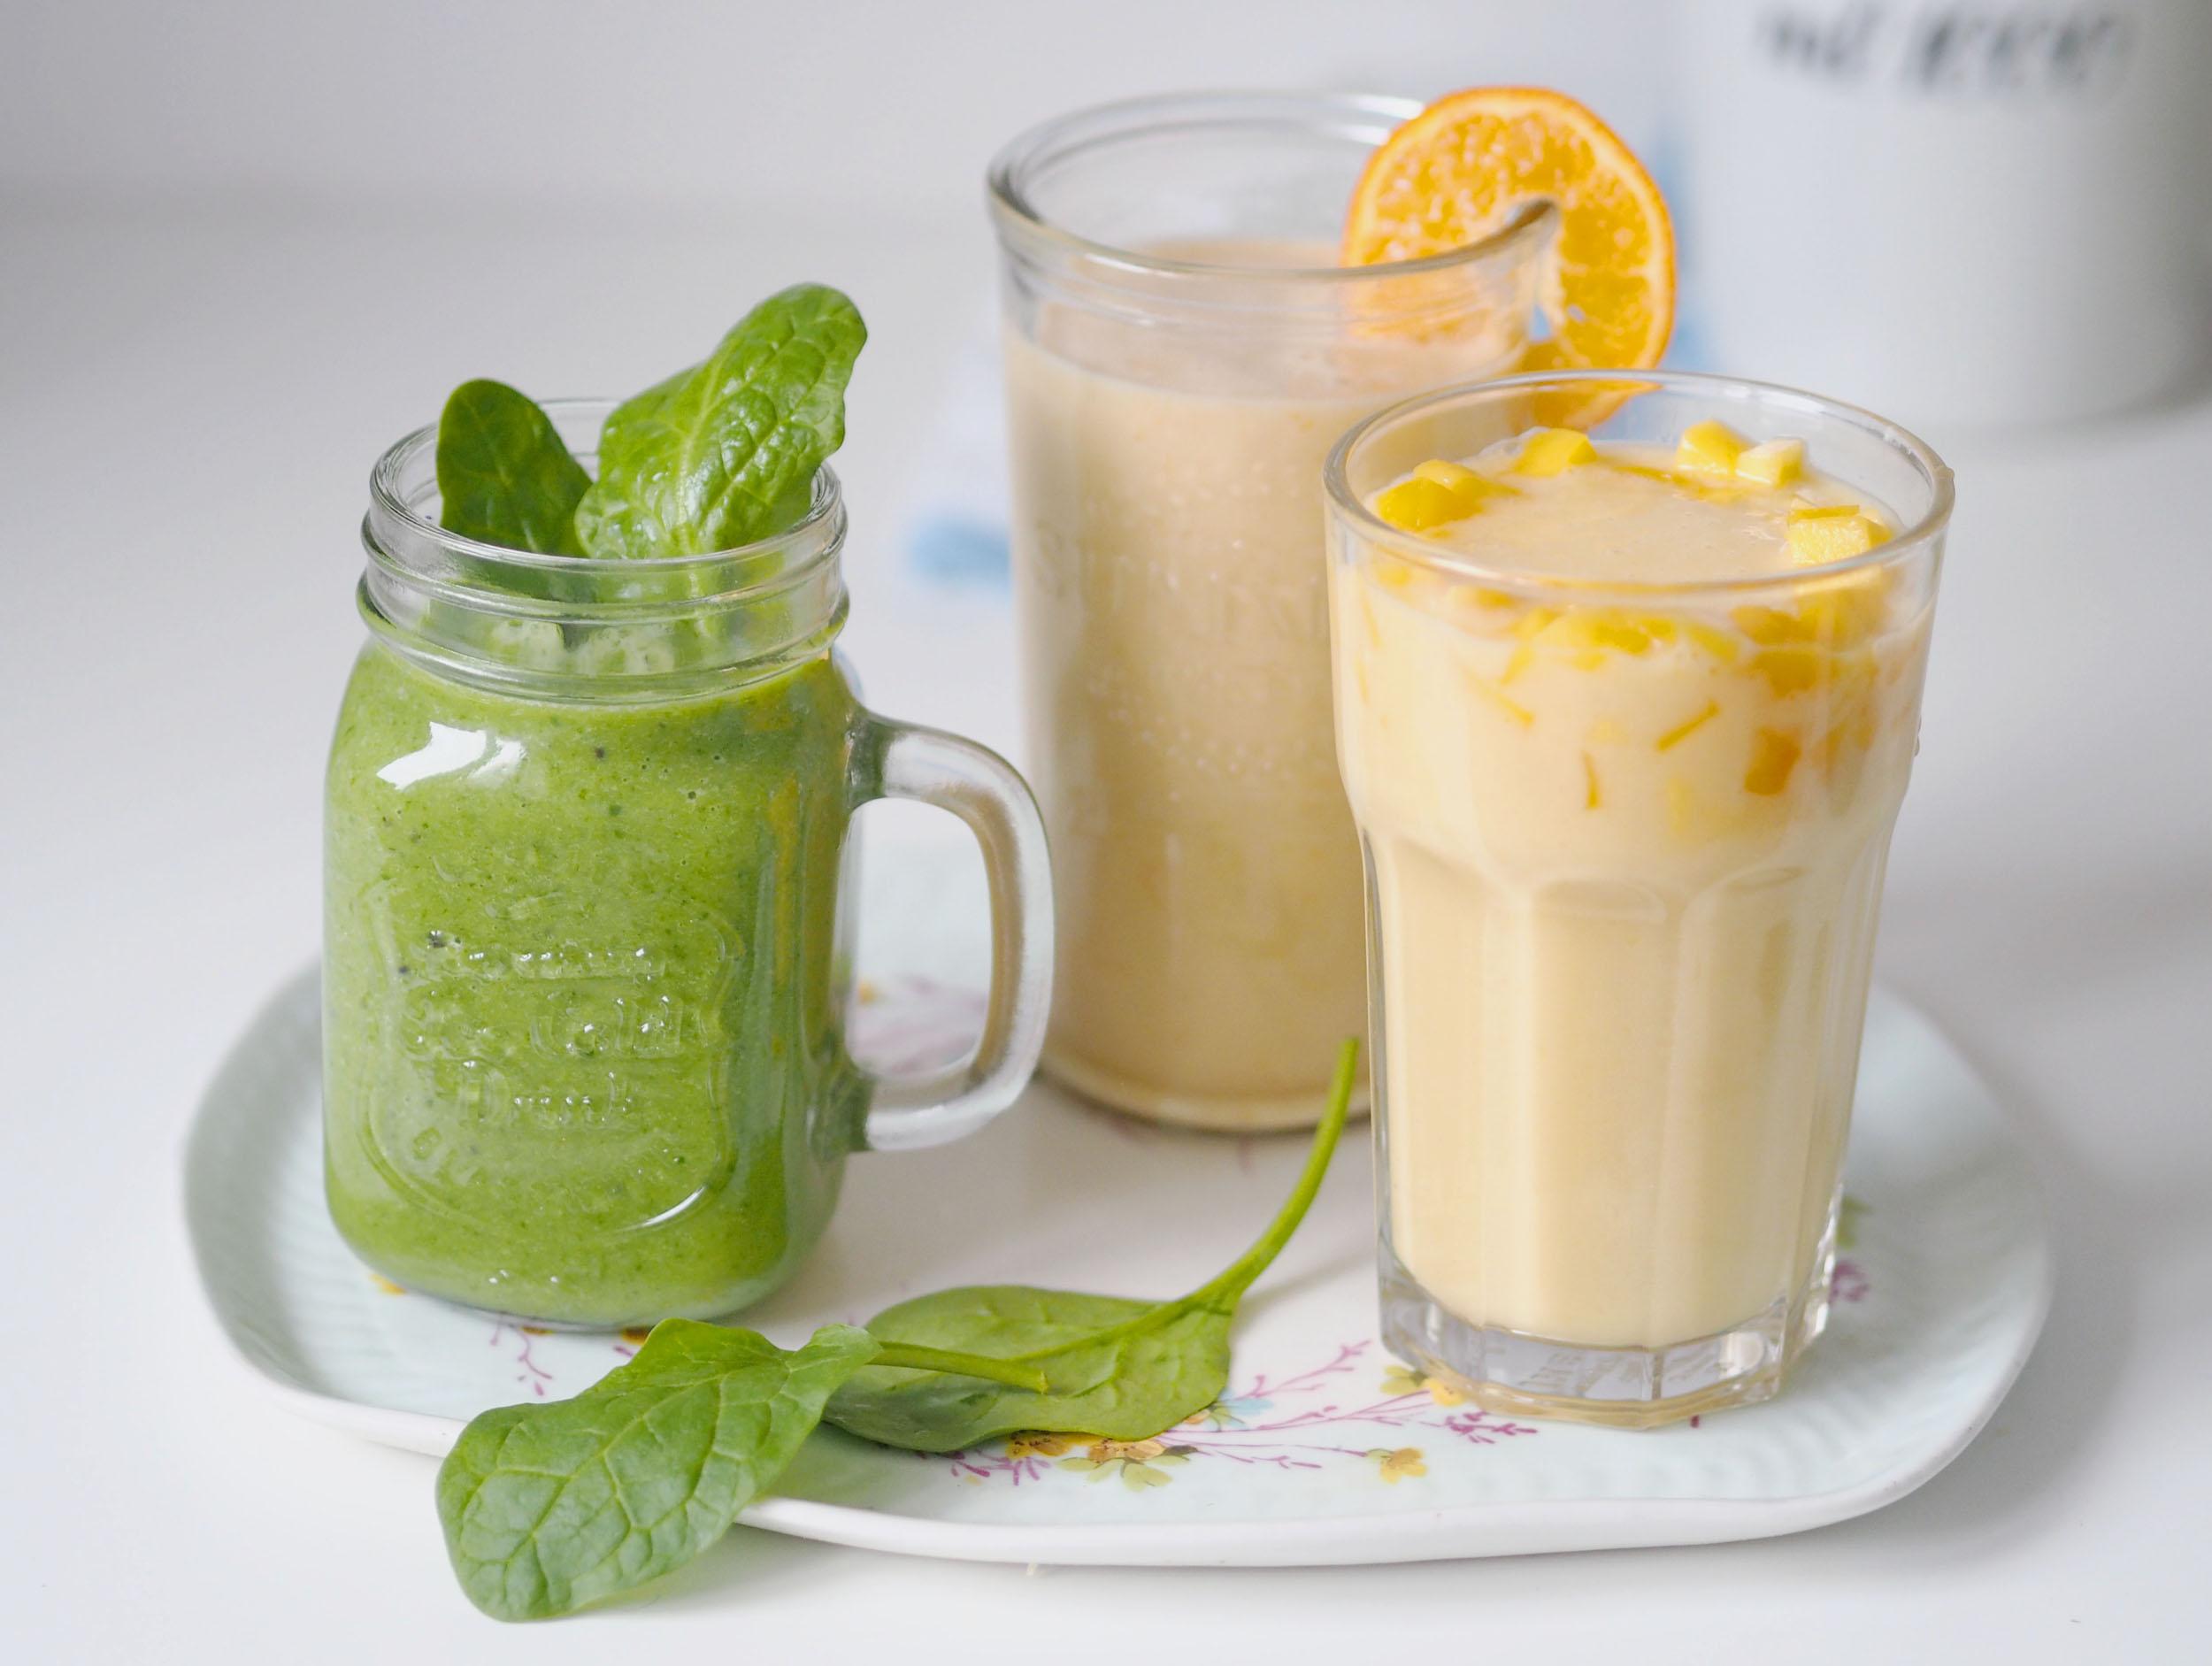 Trzy błyskawiczne przepisy na wegańskie koktajle + wartości kaloryczne dla osób na redukcji.